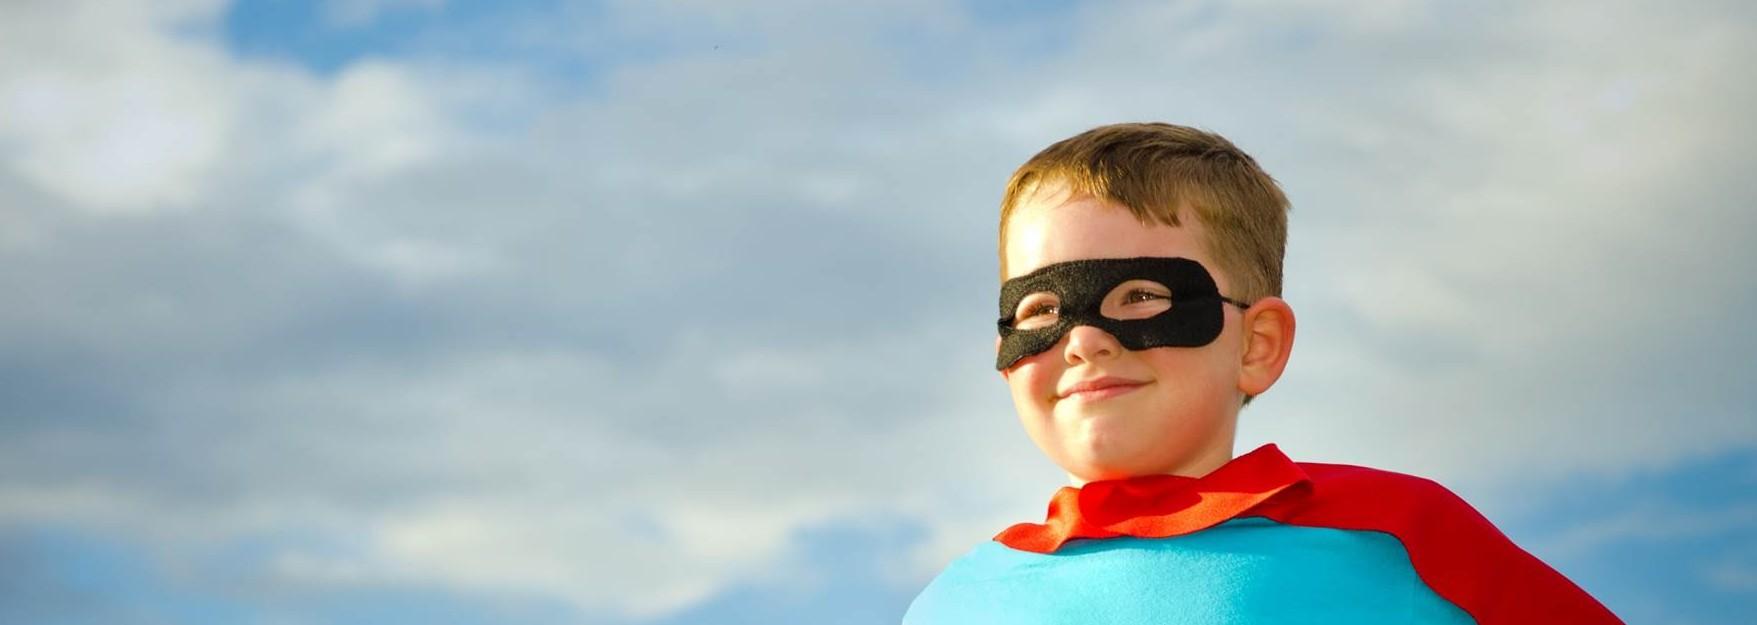 superhero-e1428616779691